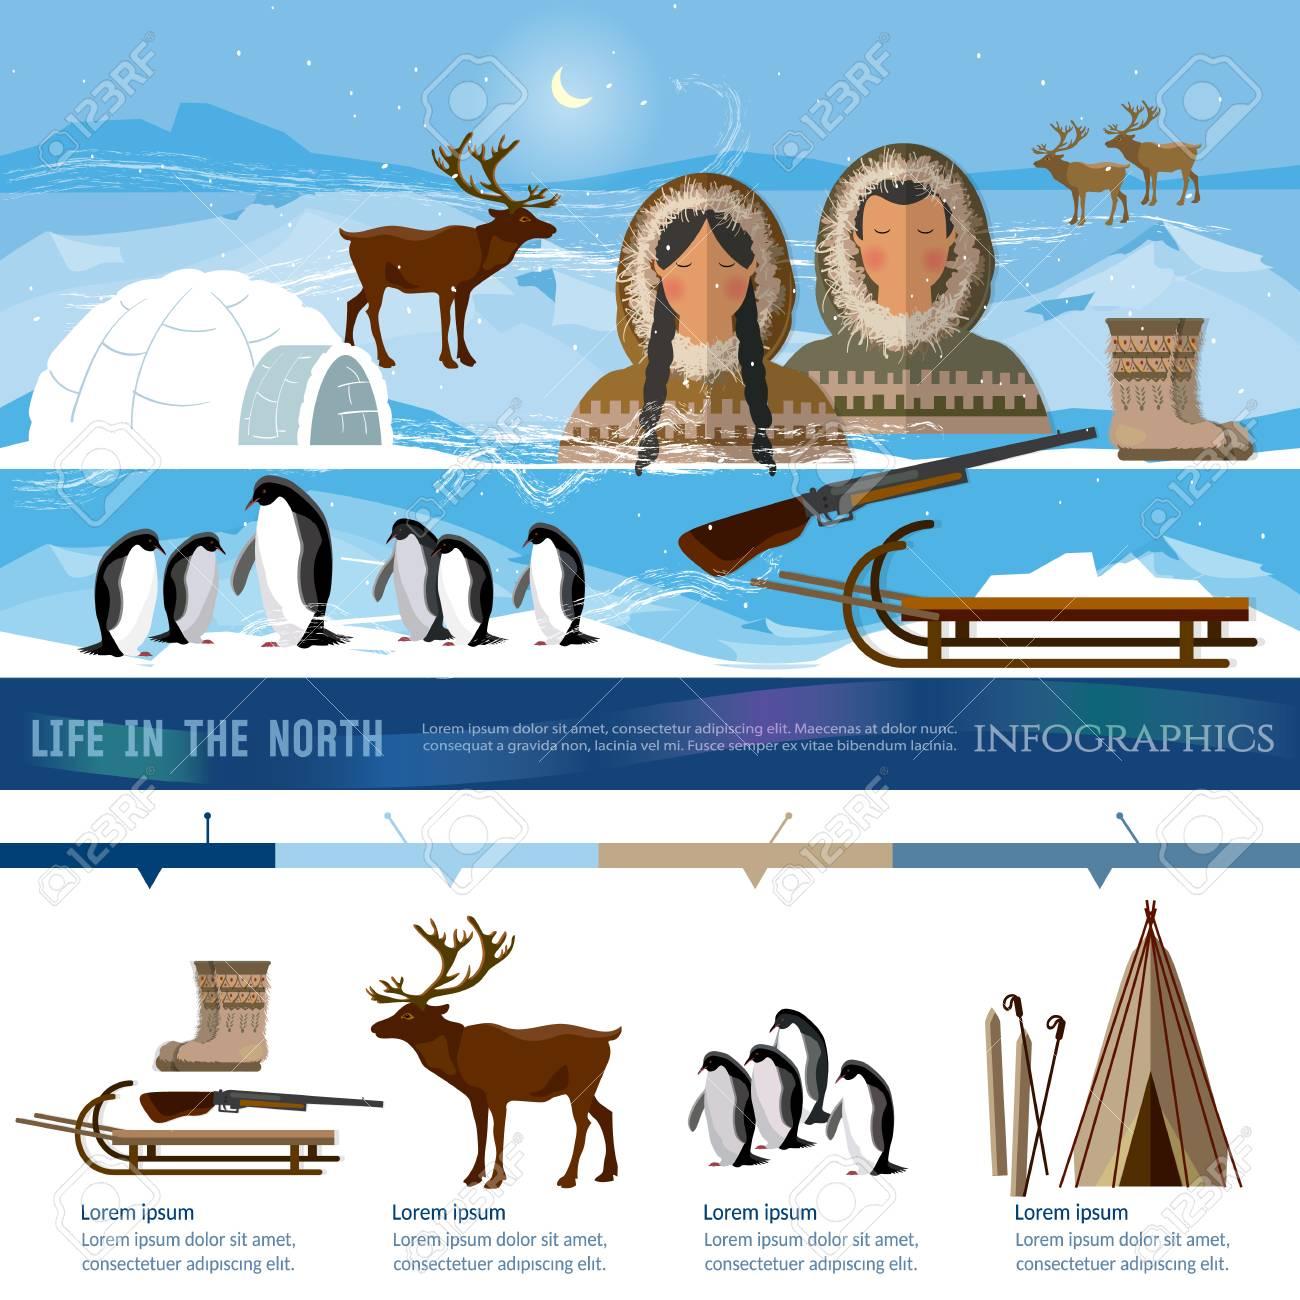 Gemeinsame Wild Nord-Arktis Infografik, Menschen In Traditionellen Eskimos &YX_89